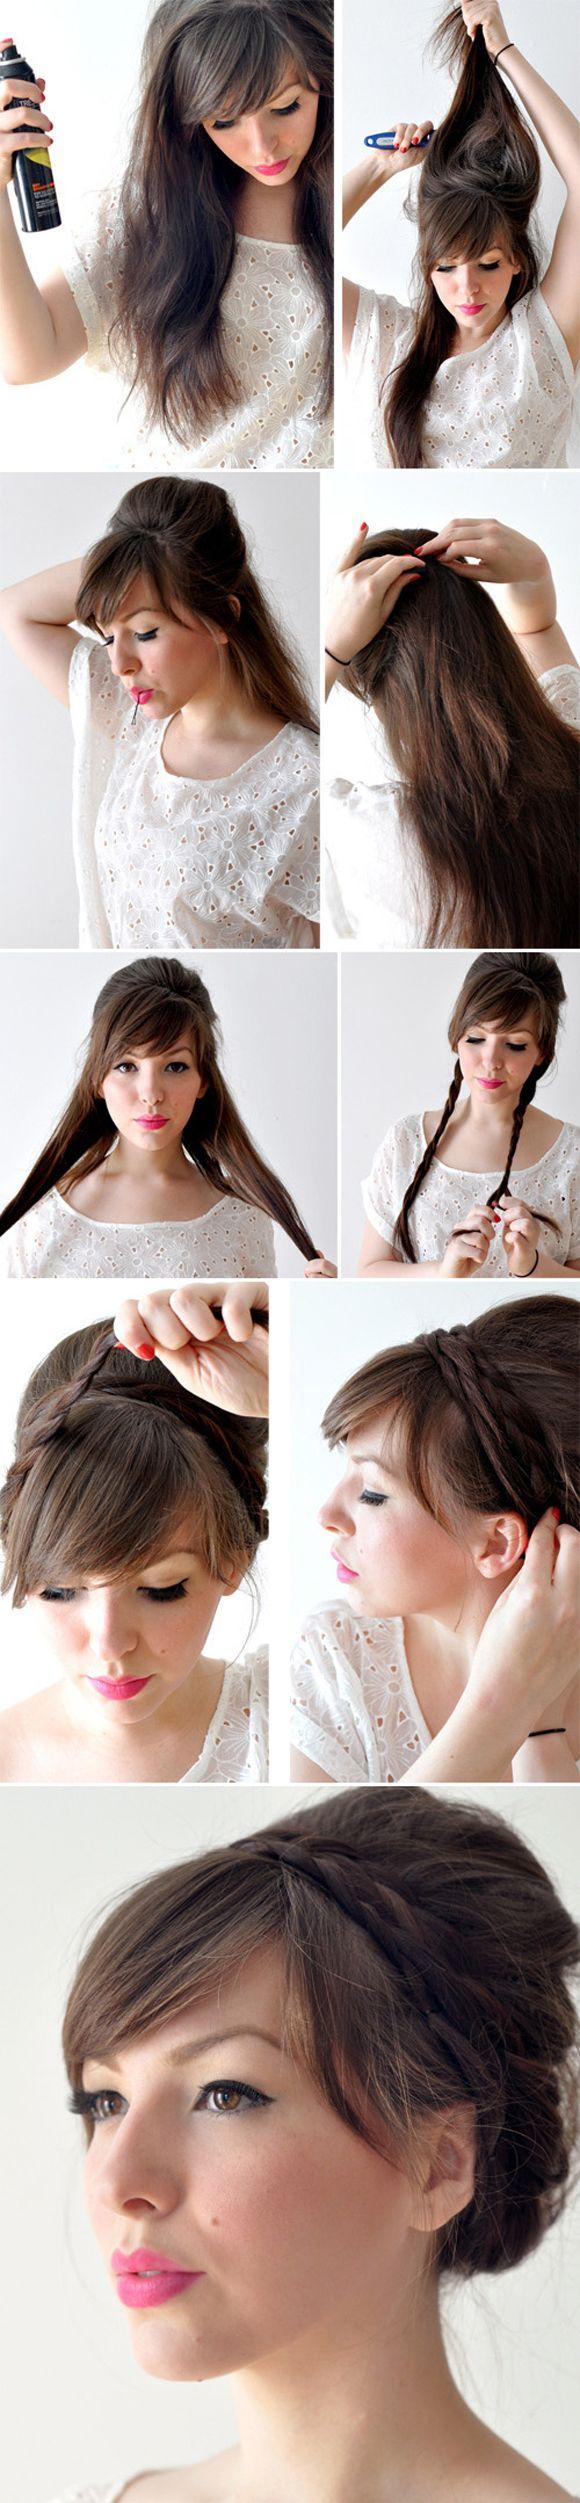 Passo-a-passo de penteado